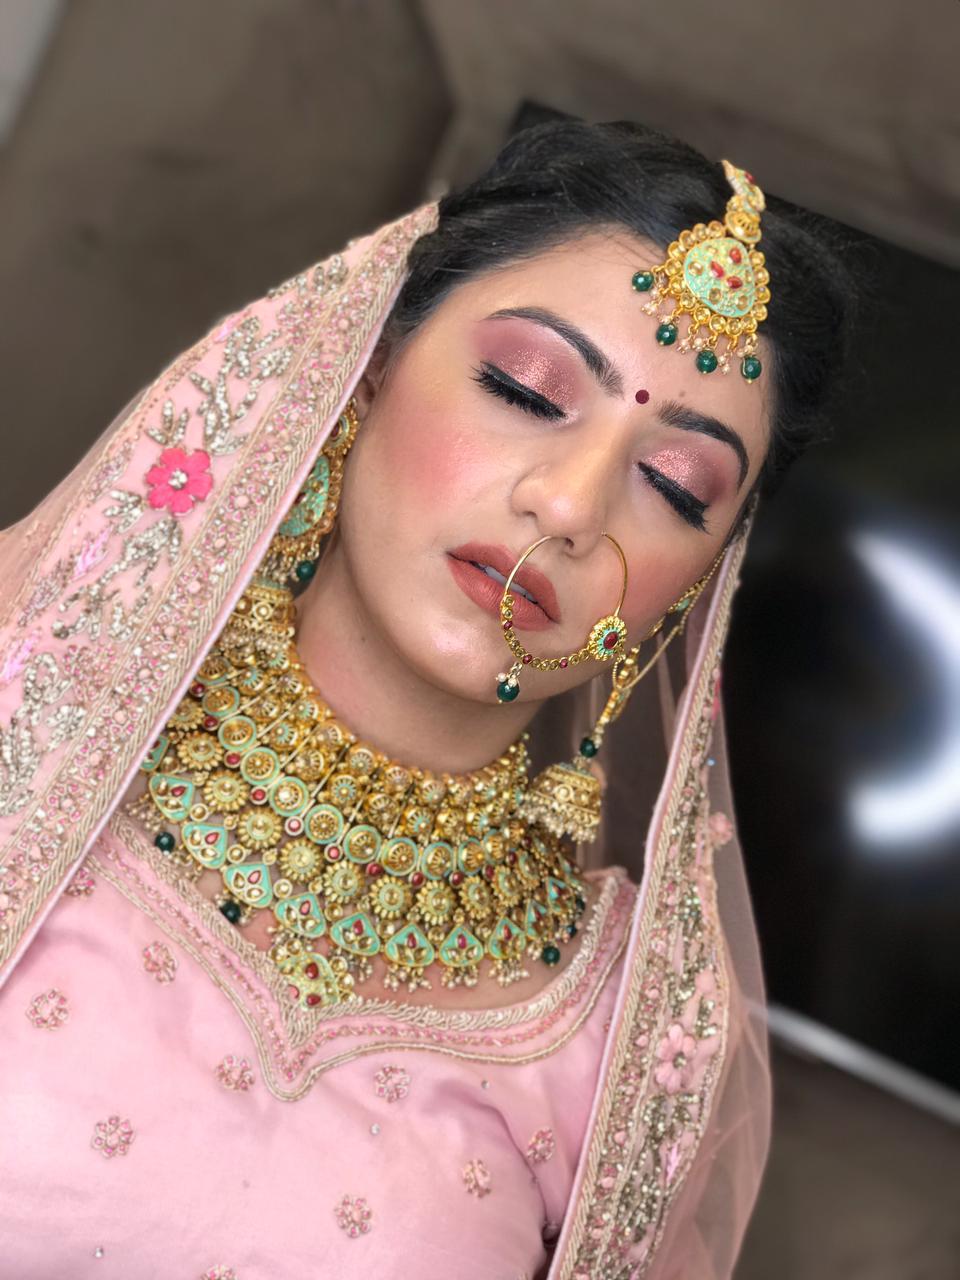 manveet-kaur-makeup-artist-punjab